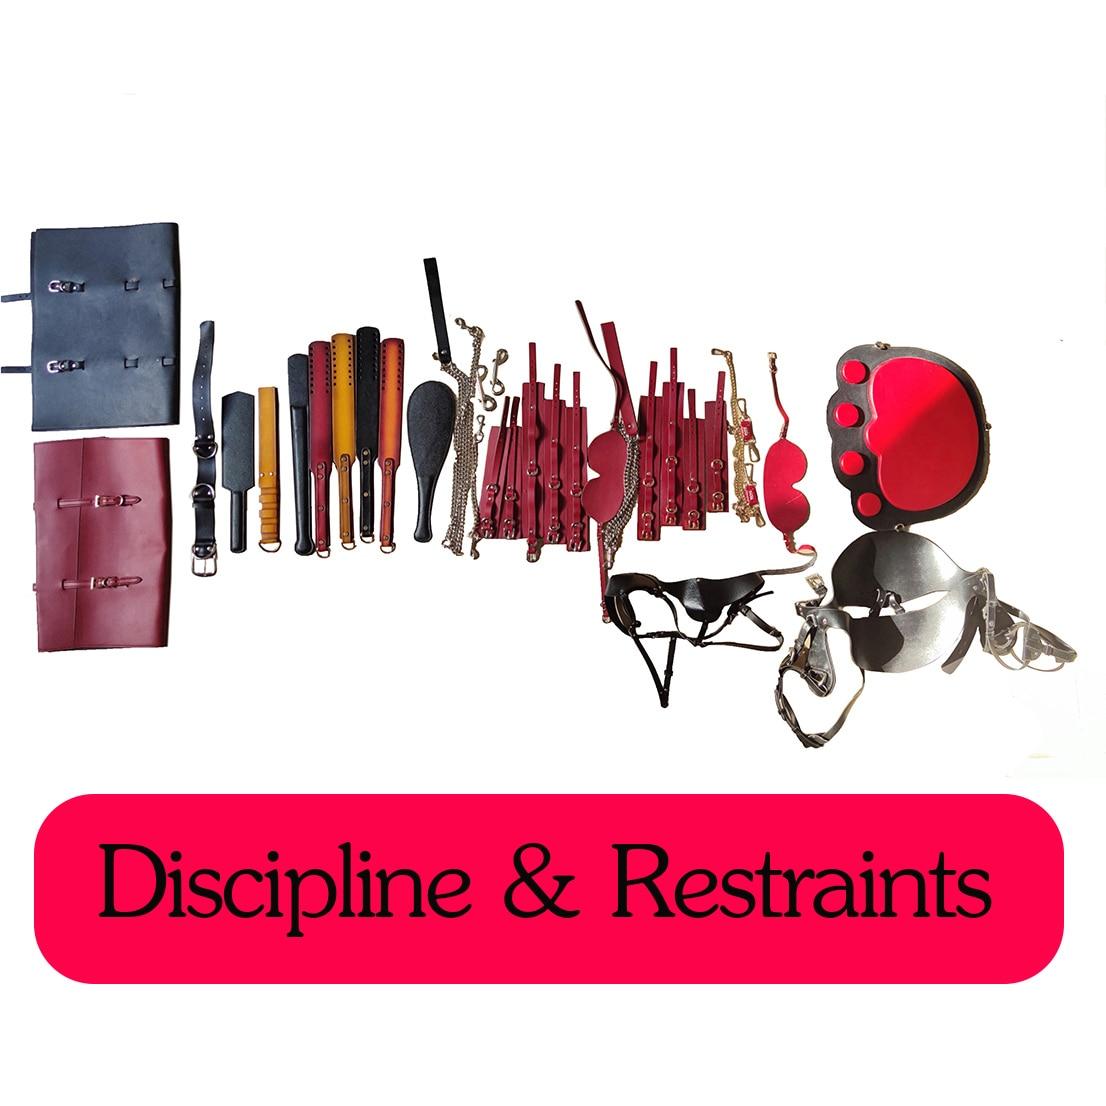 مجموعة كاملة من مجموعة BDSM مجموعة حقيقية الجلود عبودية مجموعة أدوات ضبط النفس الكبار Disipline صنع العرف لعب للرجل والمرأة